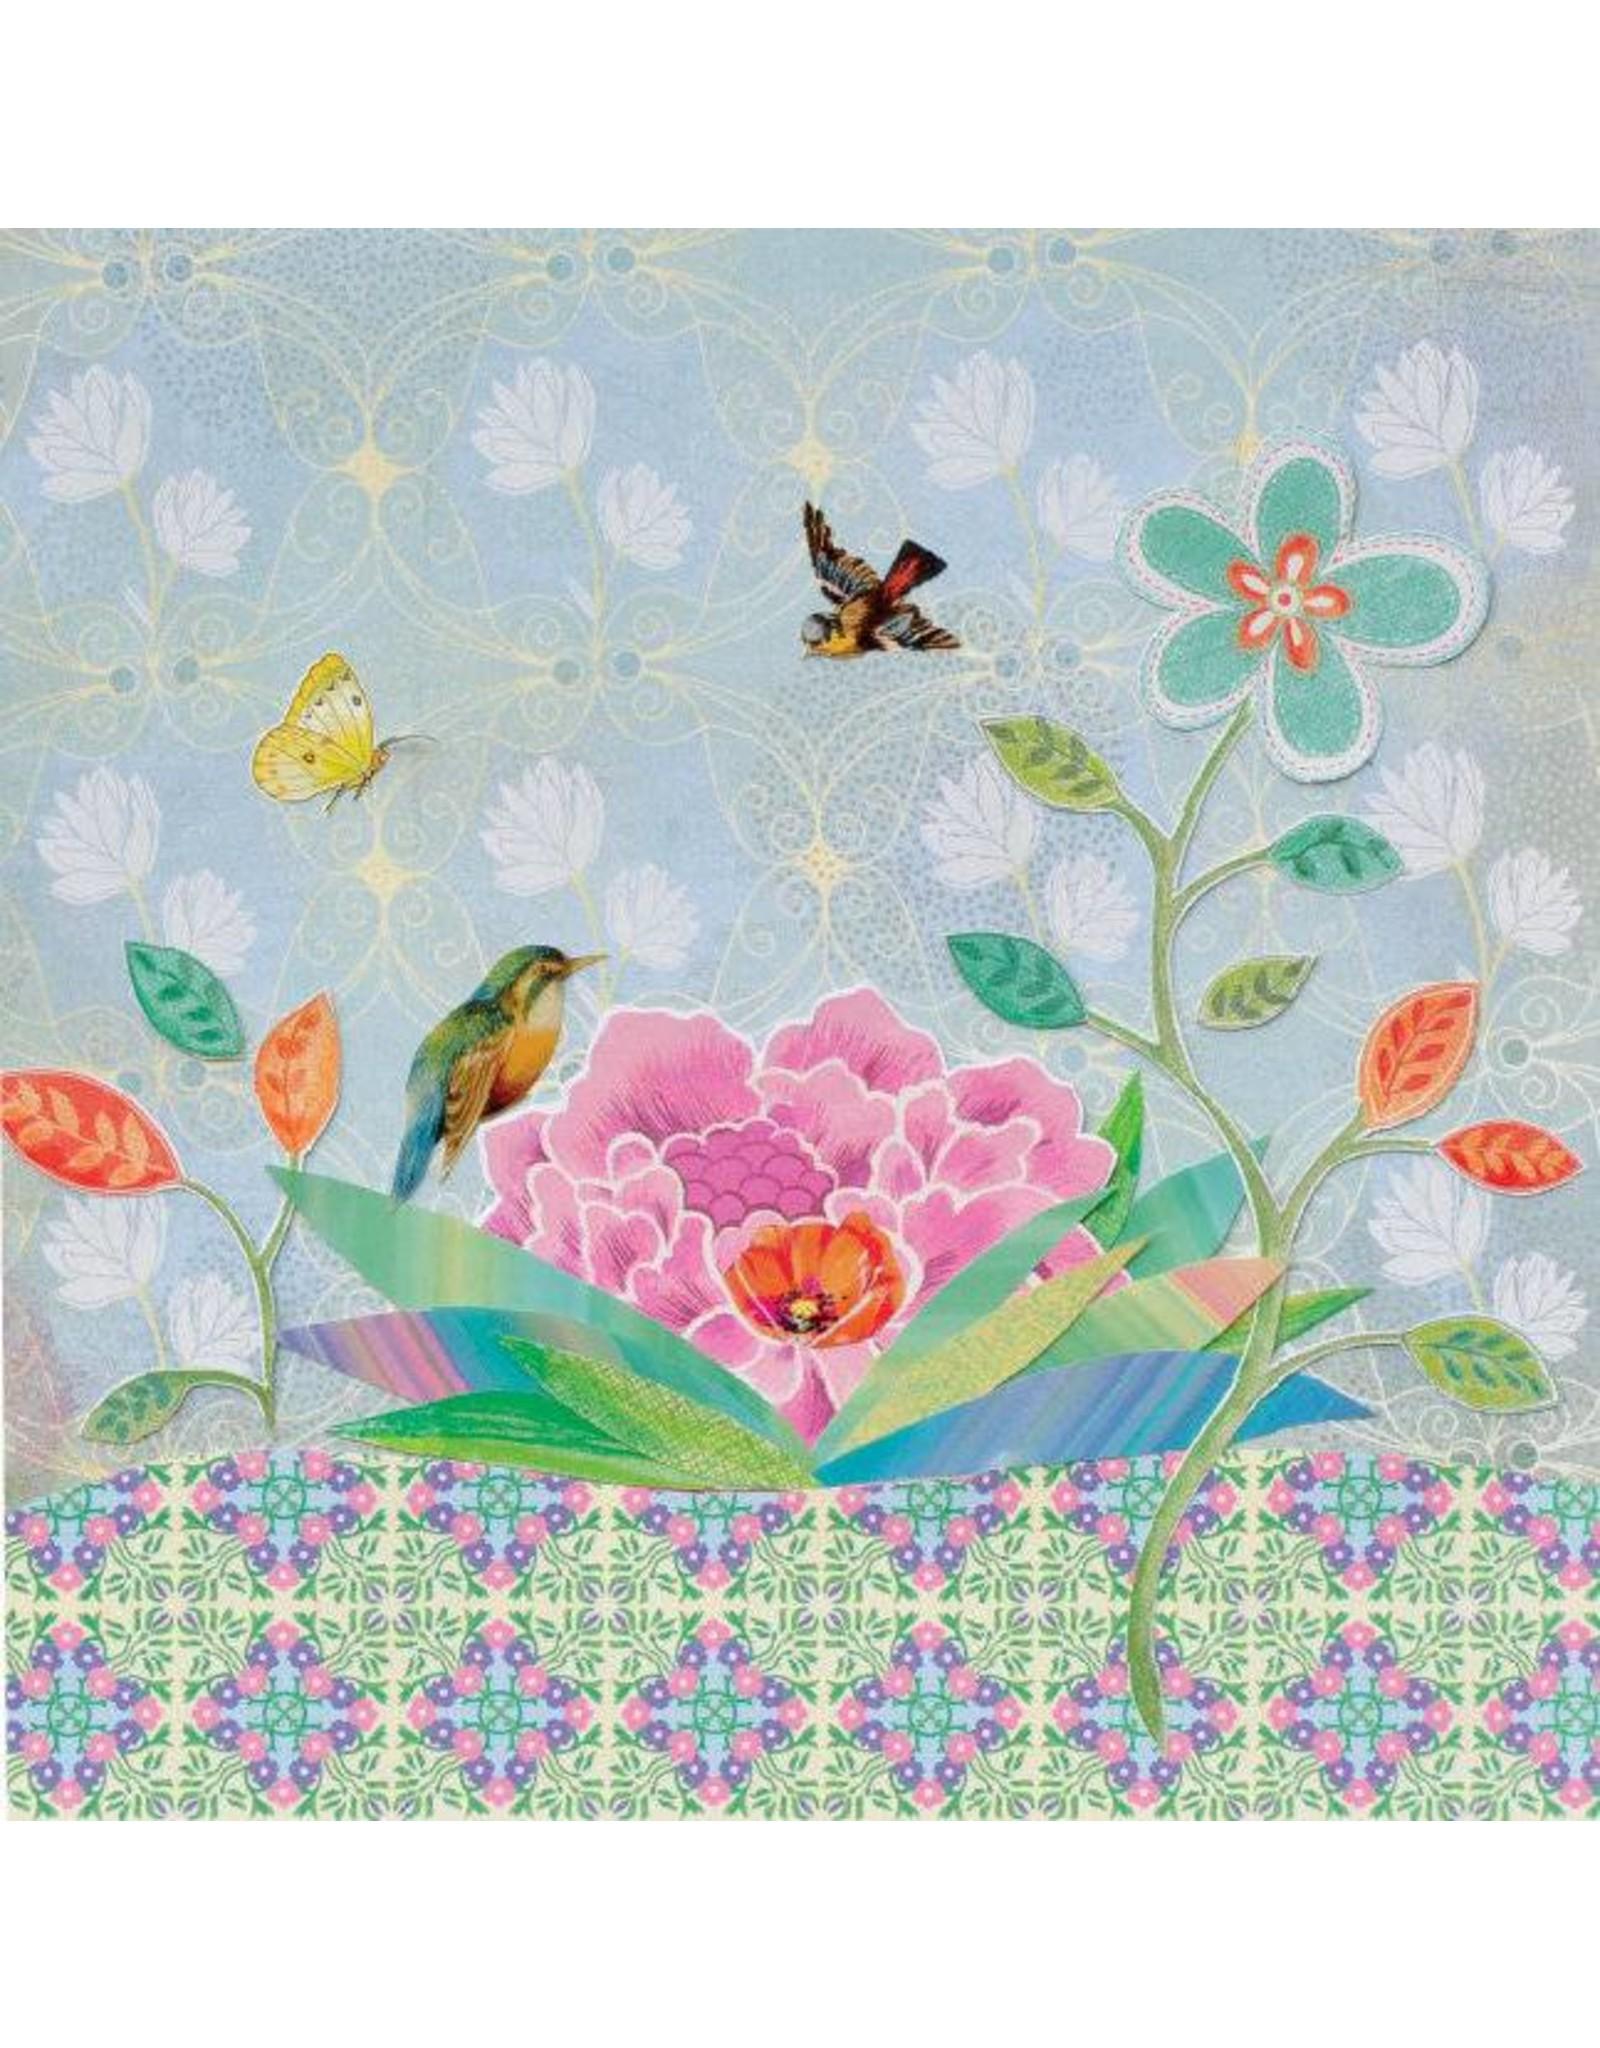 ZintenZ postcard Flower